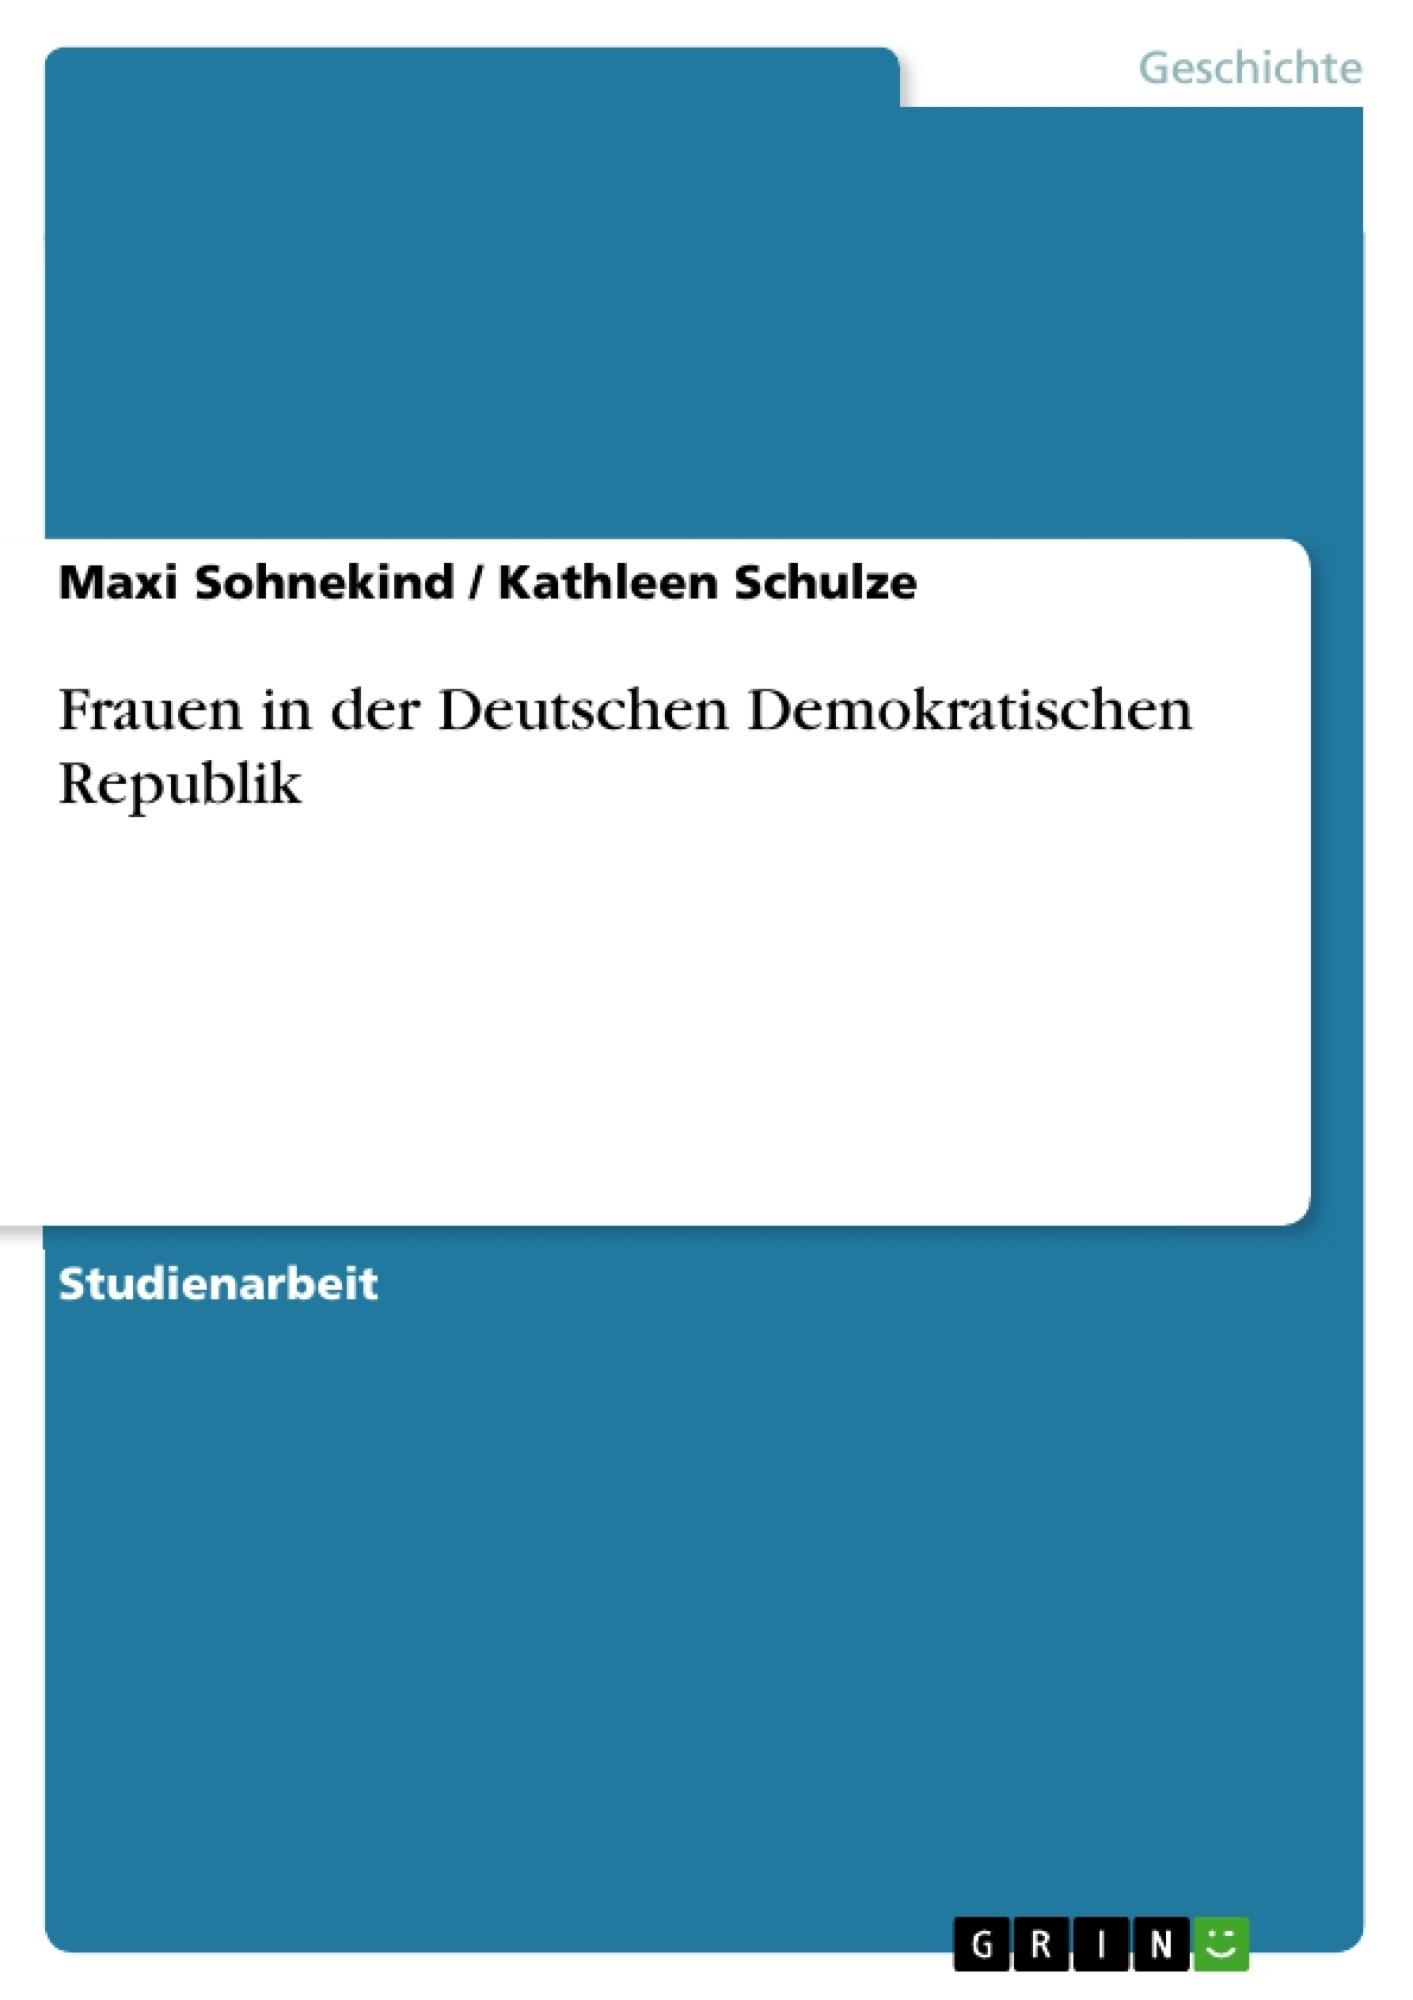 Titel: Frauen in der Deutschen Demokratischen Republik